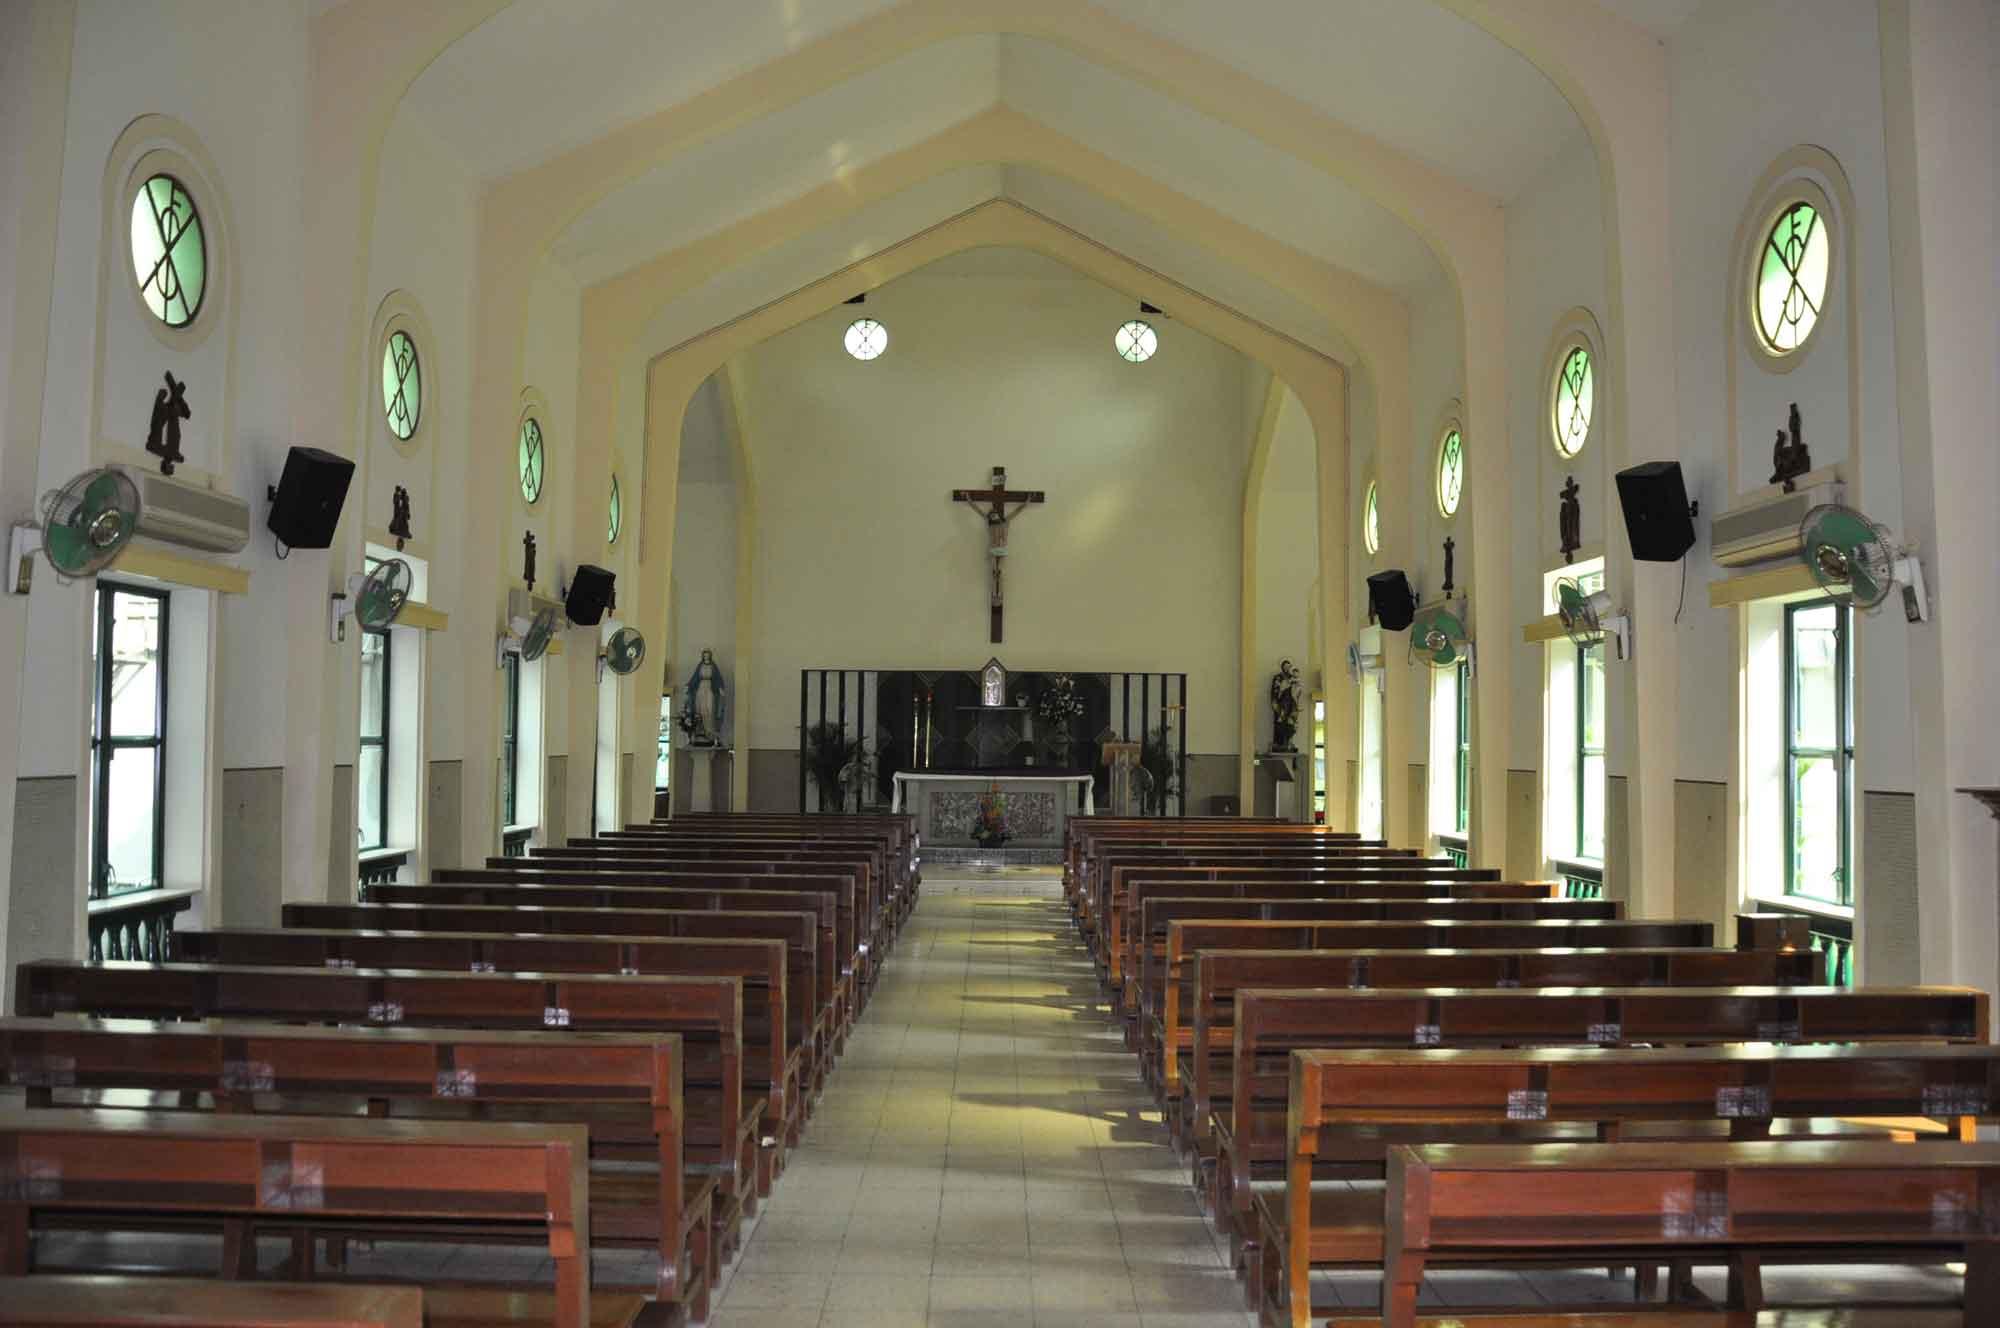 St. Francis Xavier Church Macau interior